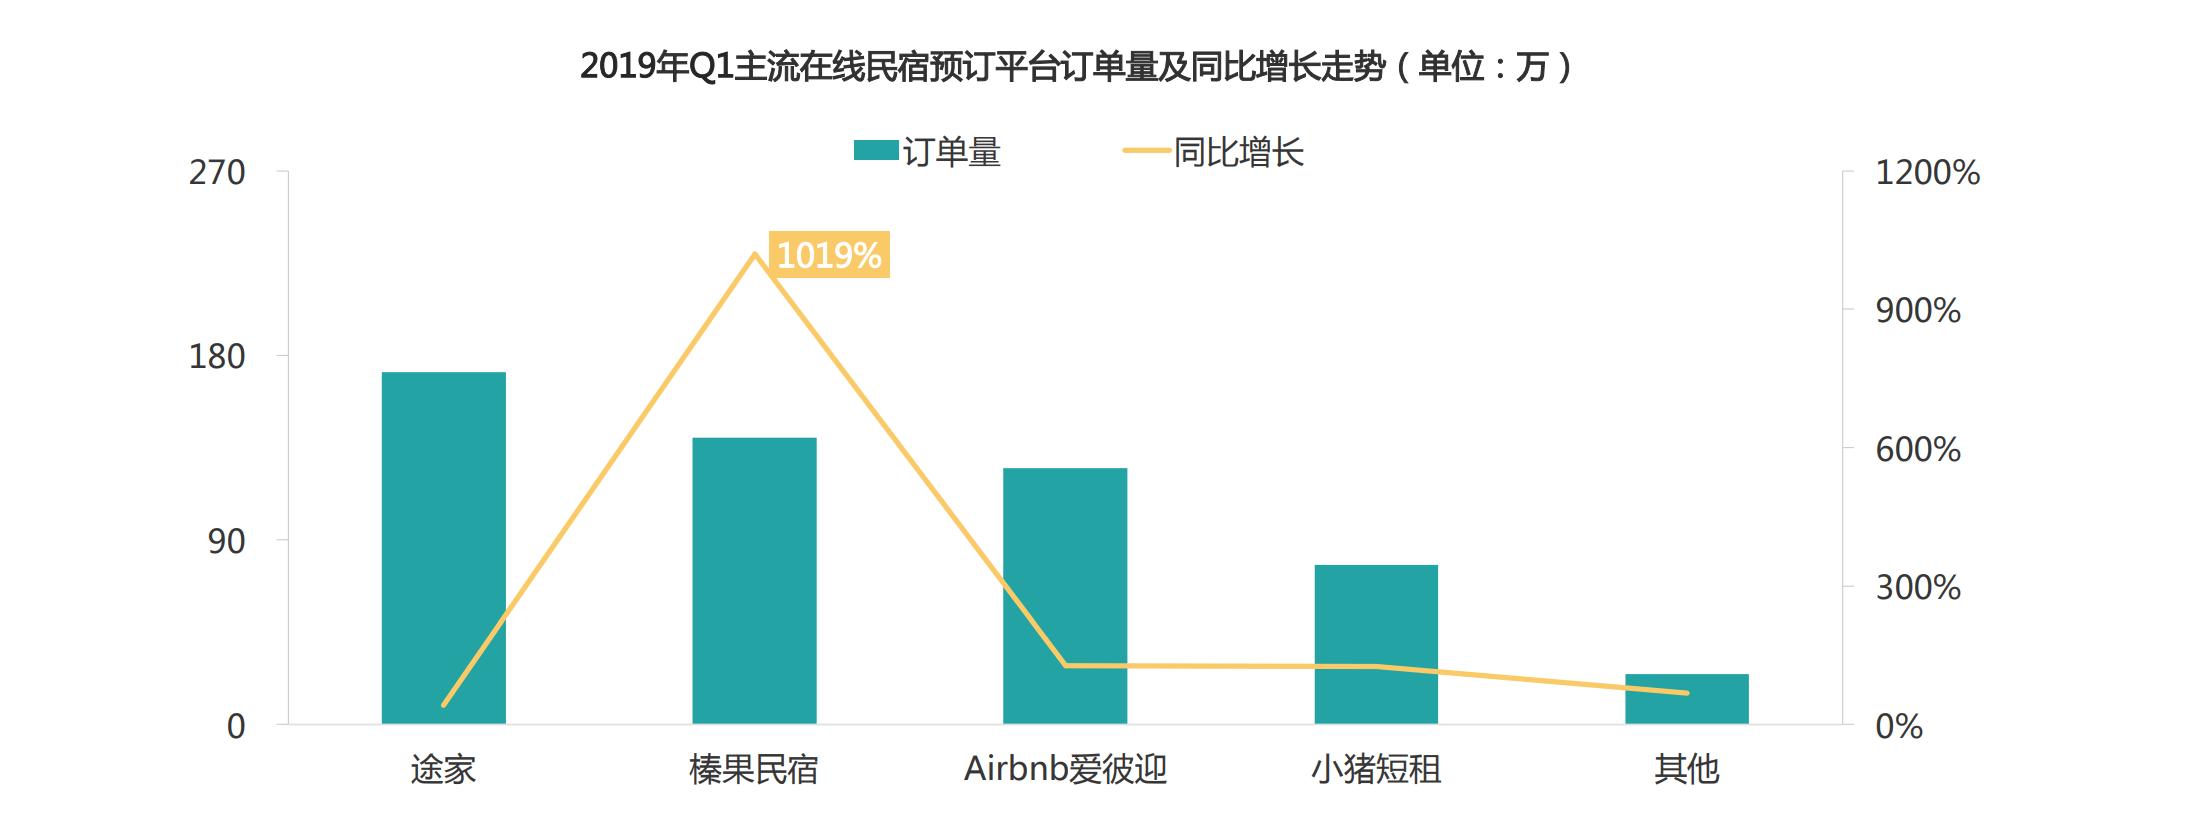 在线民宿预订平台订单量同比实现普涨榛果民宿猛增10倍